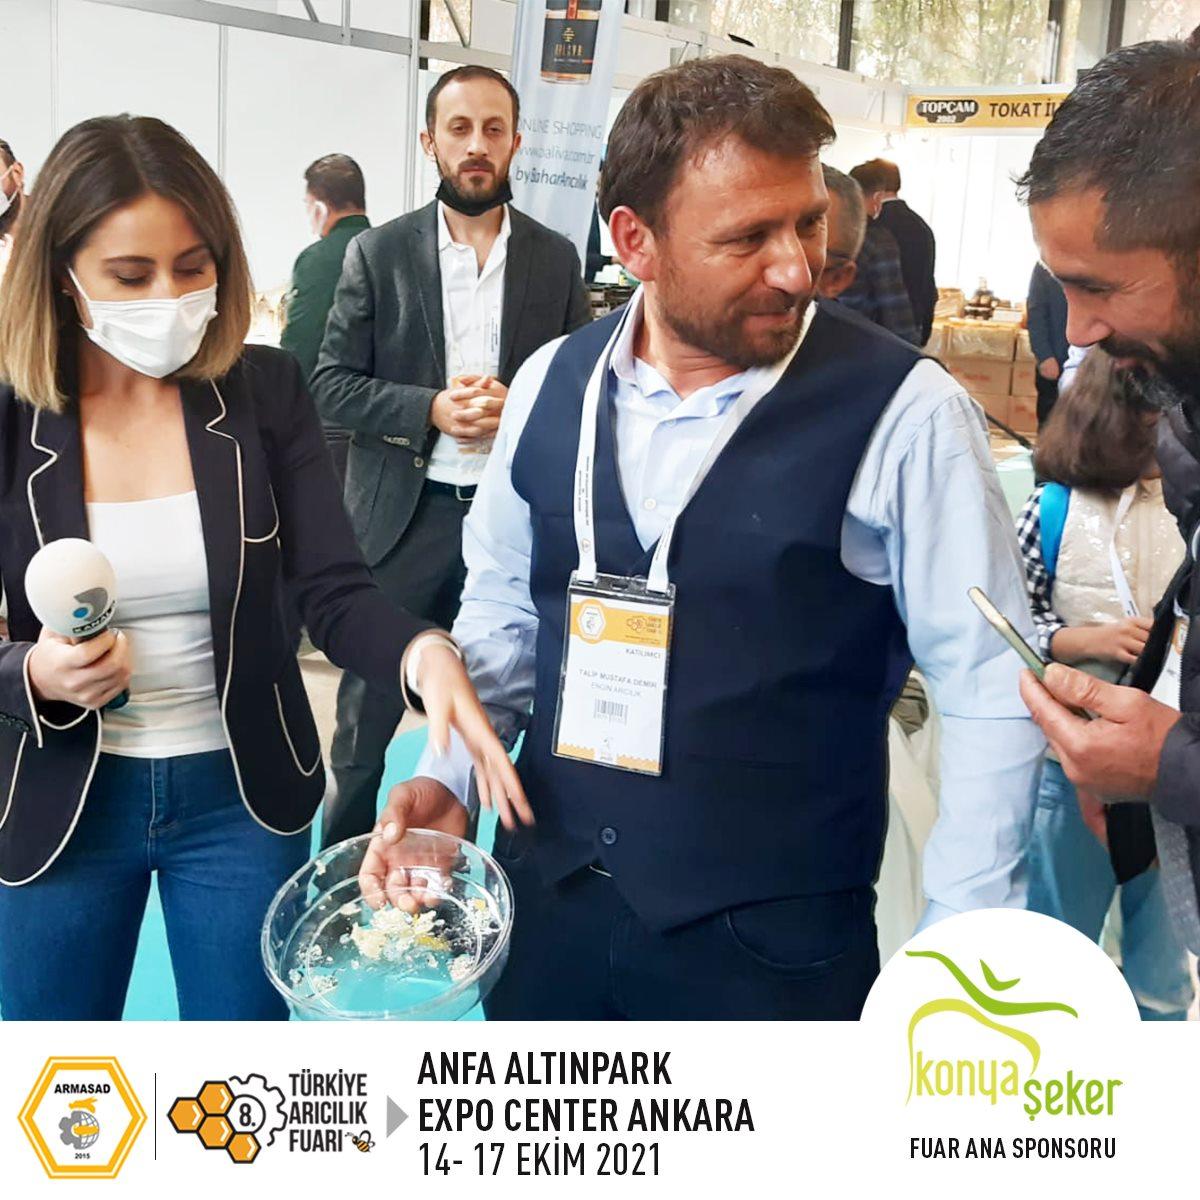 Armasad 8.Türkiye Arıcılık Fuarı 2021 ANKARA Altınpark fuar alanı, kanal d haber